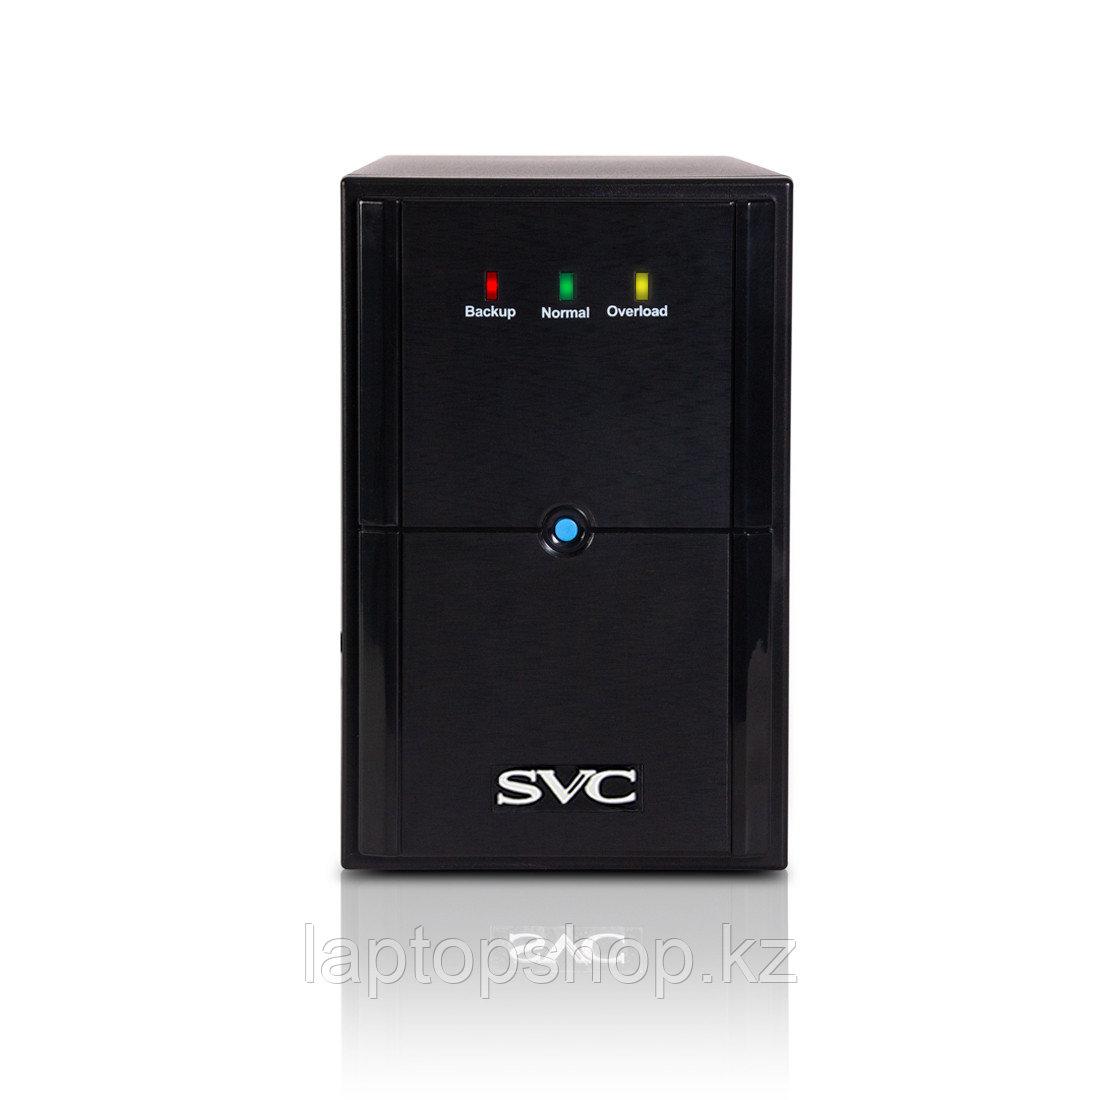 Источник бесперебойного питания SVC V-1200-L, Мощность 1200ВА/720Вт